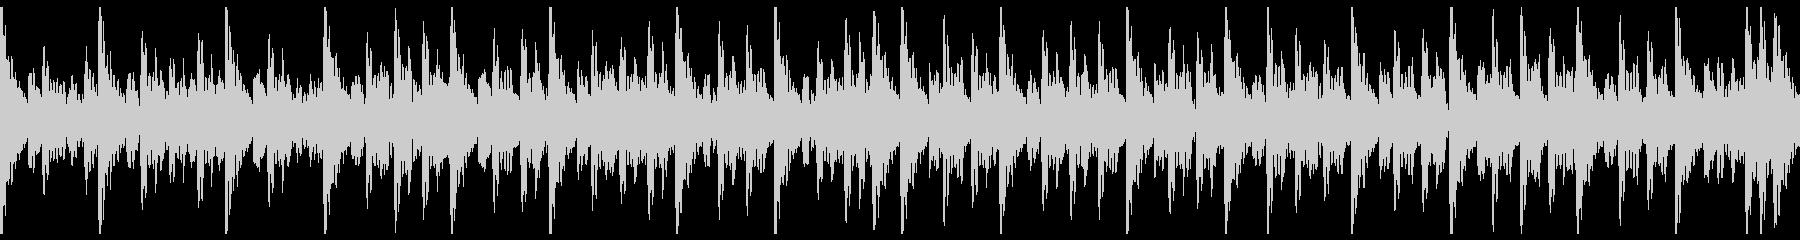 和太鼓(中太鼓)ソロ スローの未再生の波形